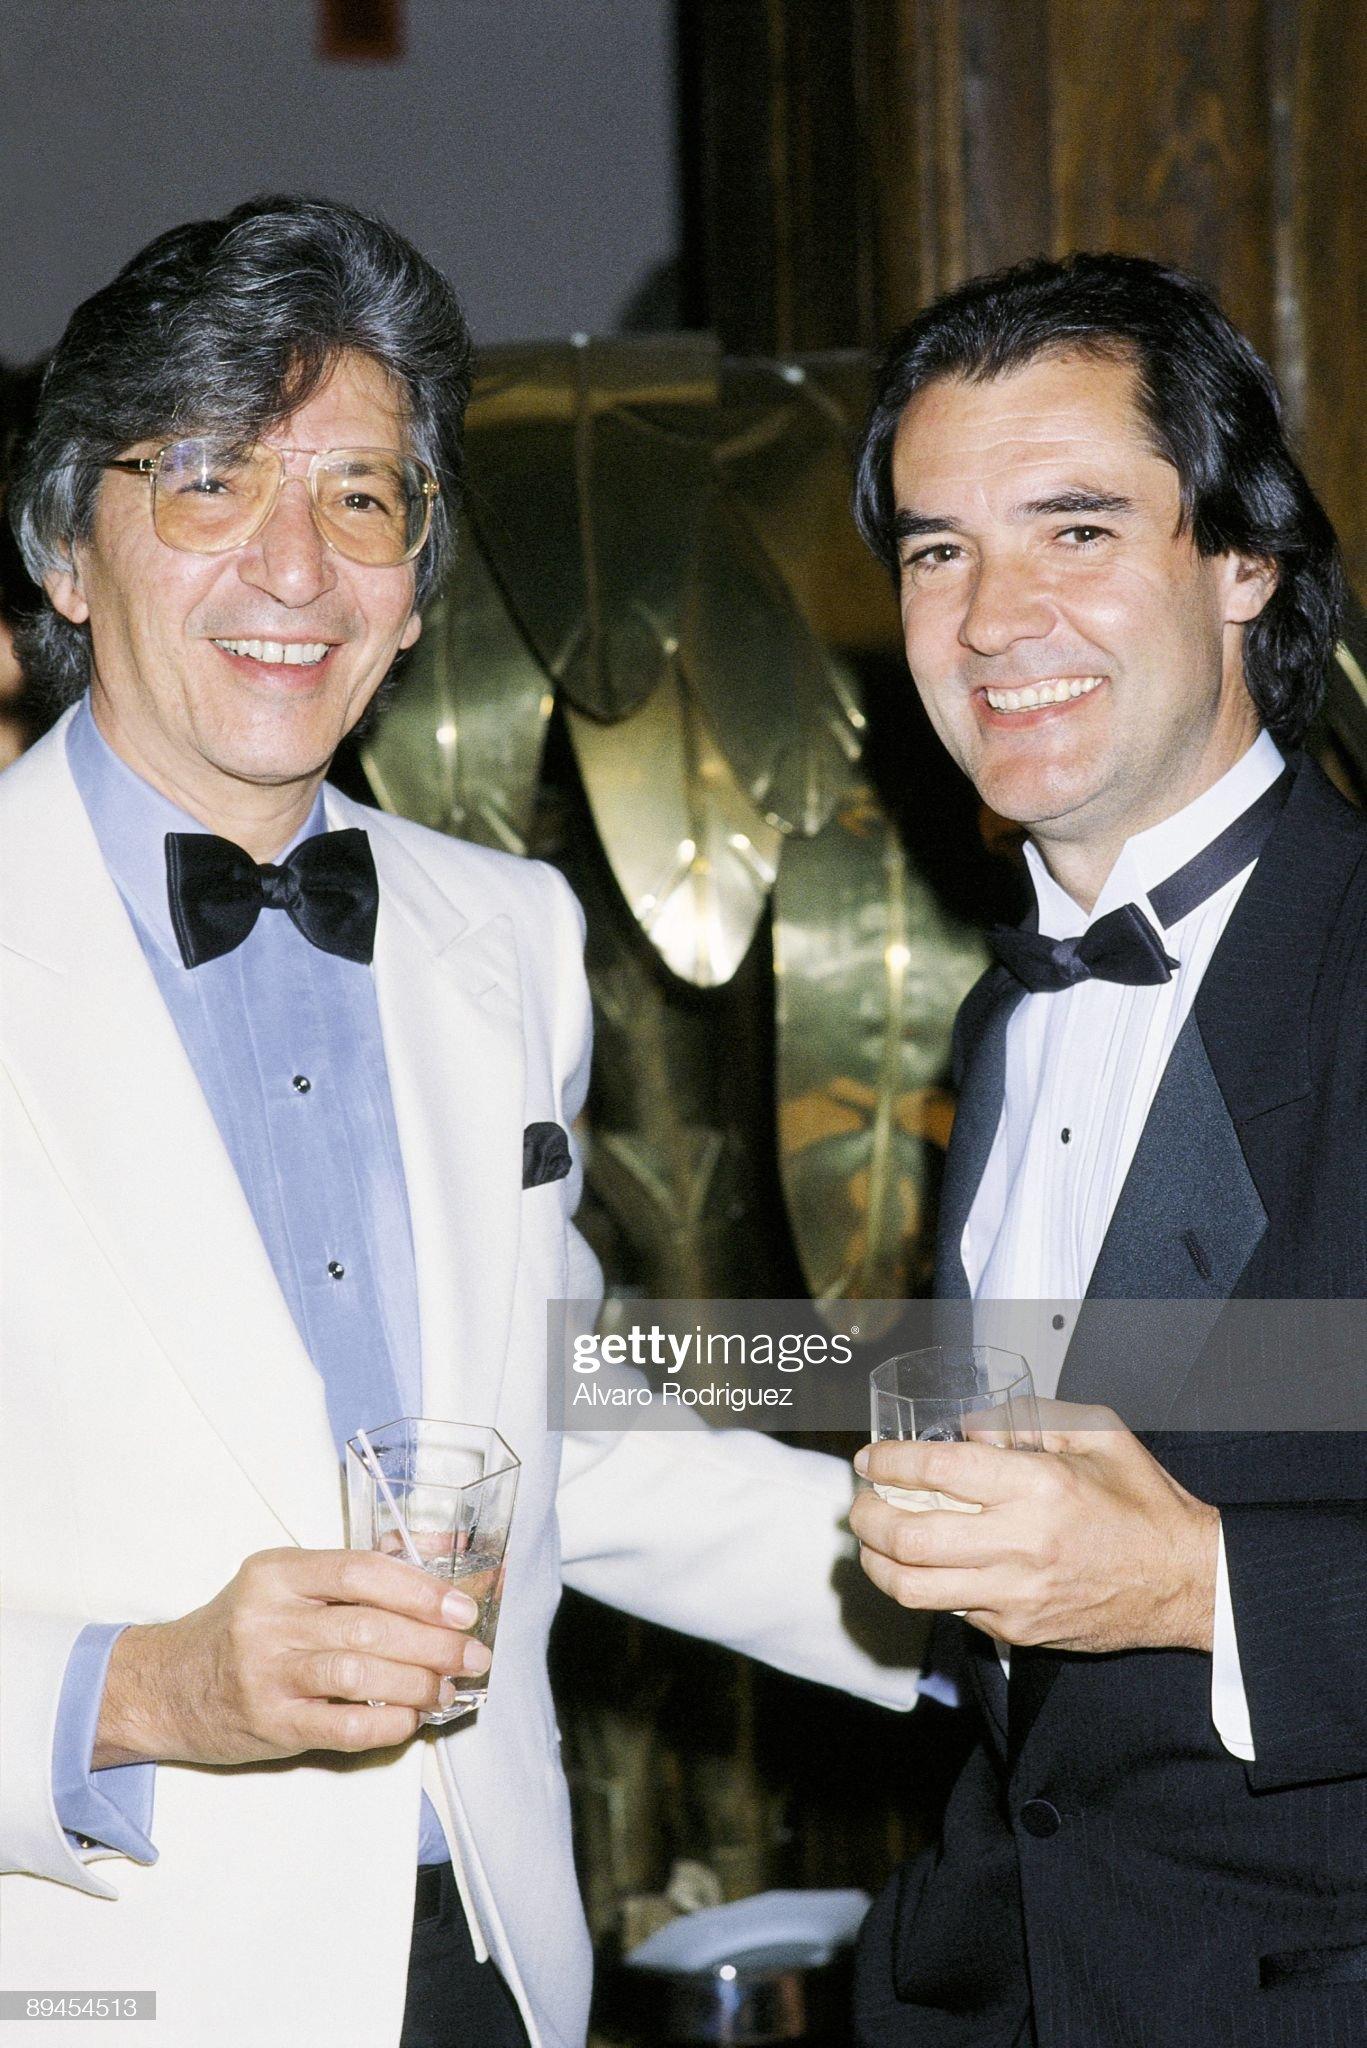 ¿Cuánto mide Manuel de la Calva y Ramón Arcusa? (Dúo Dinámico) - Altura - Página 10 Ramon-arcusa-next-to-manuel-alejandro-in-a-party-in-new-york-picture-id89454513?s=2048x2048